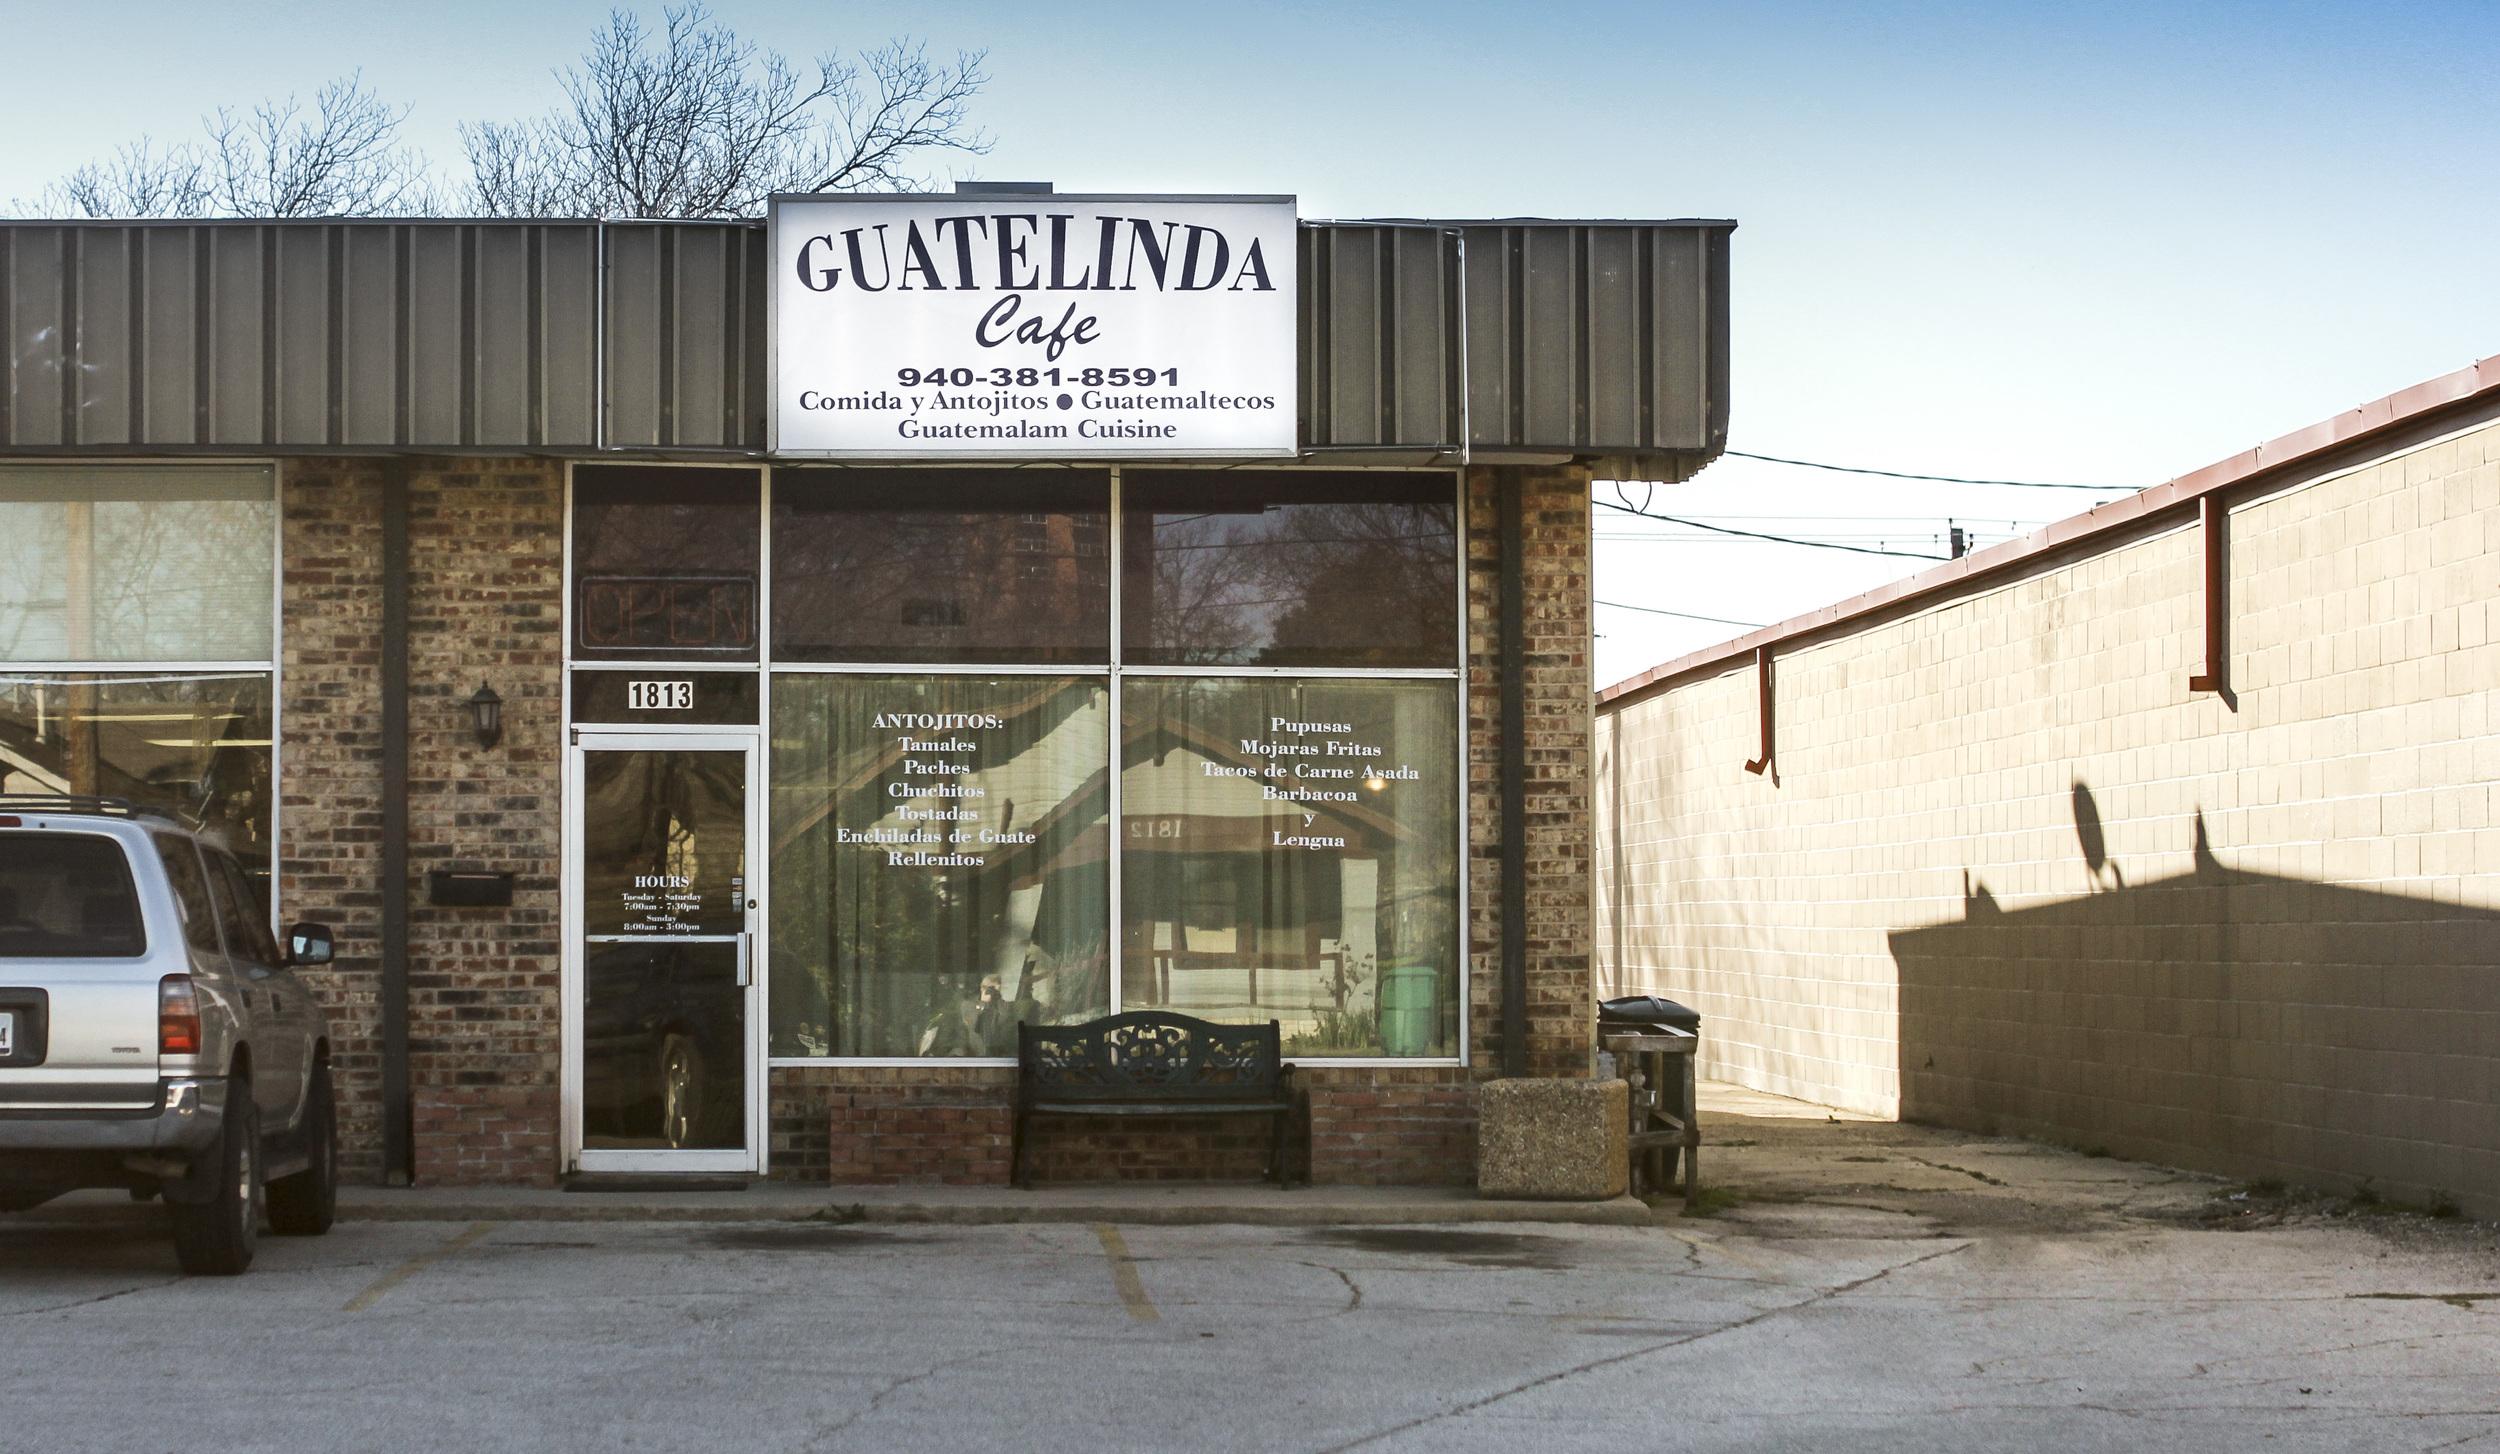 The outside of Guatelinda Cafe.